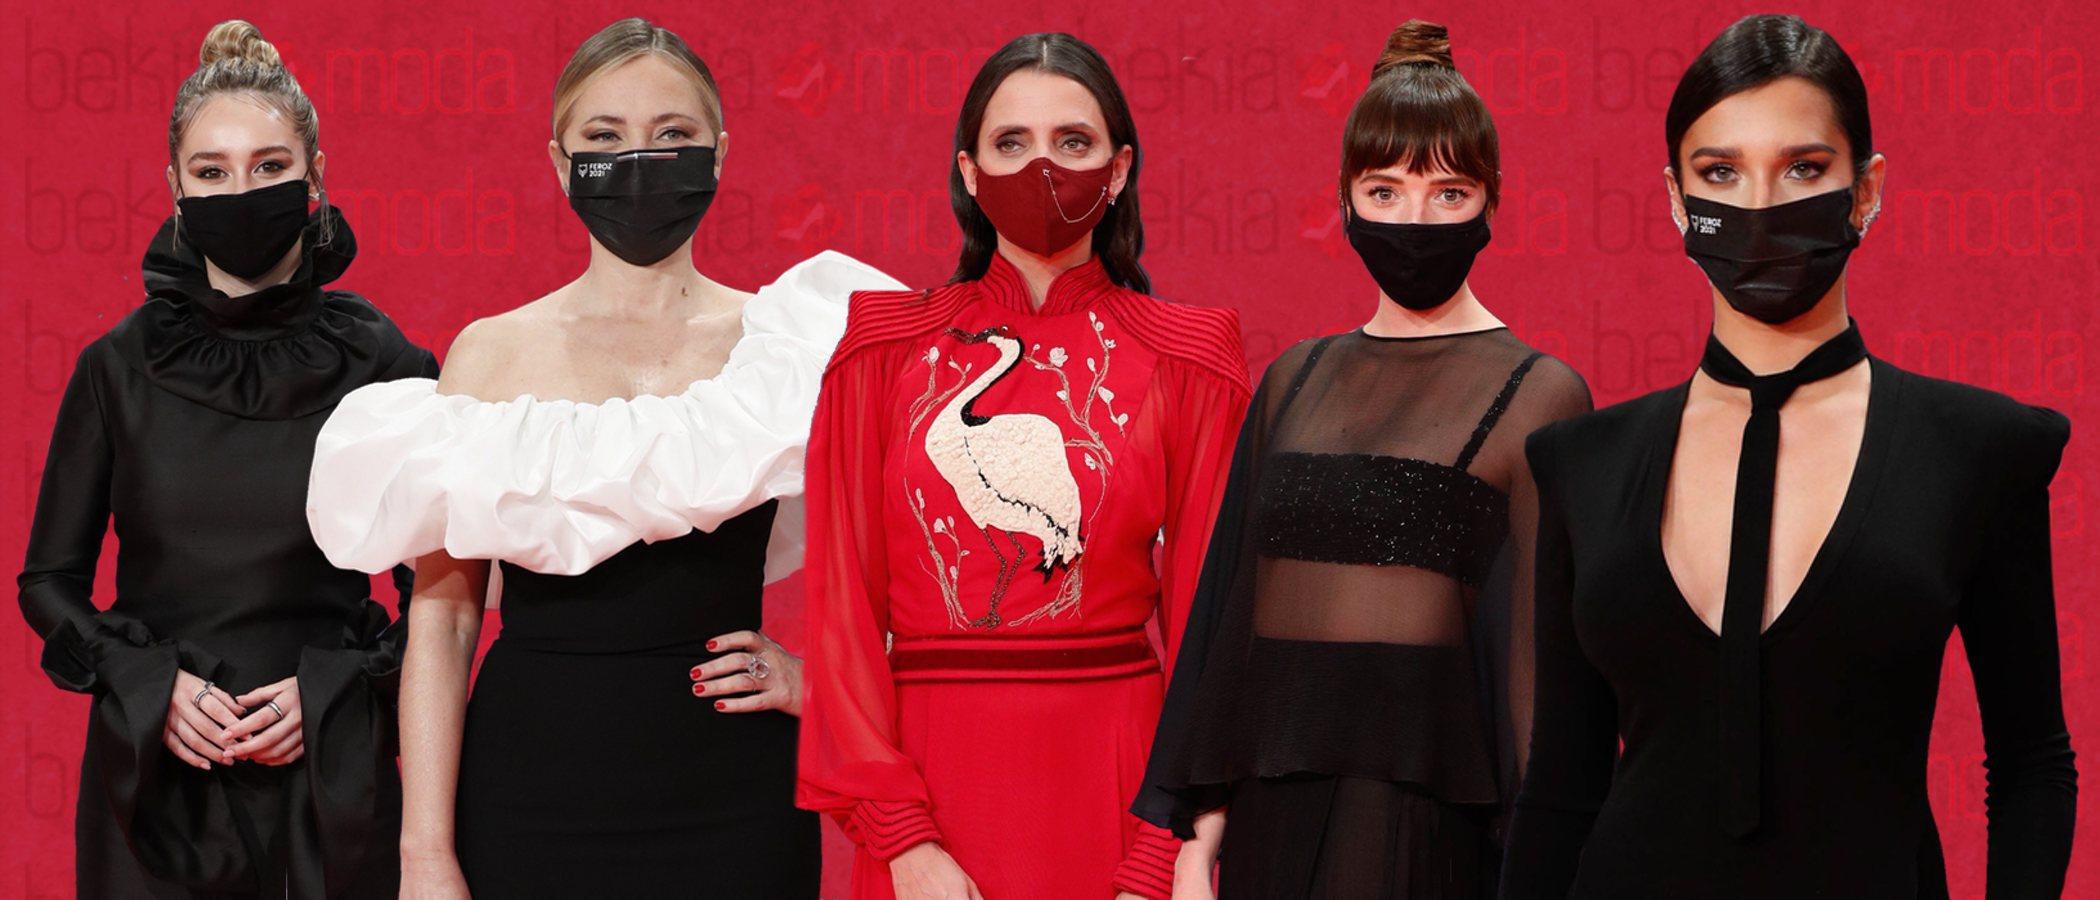 Los 10 mejores looks de la alfombra roja de los Premios Feroz 2021